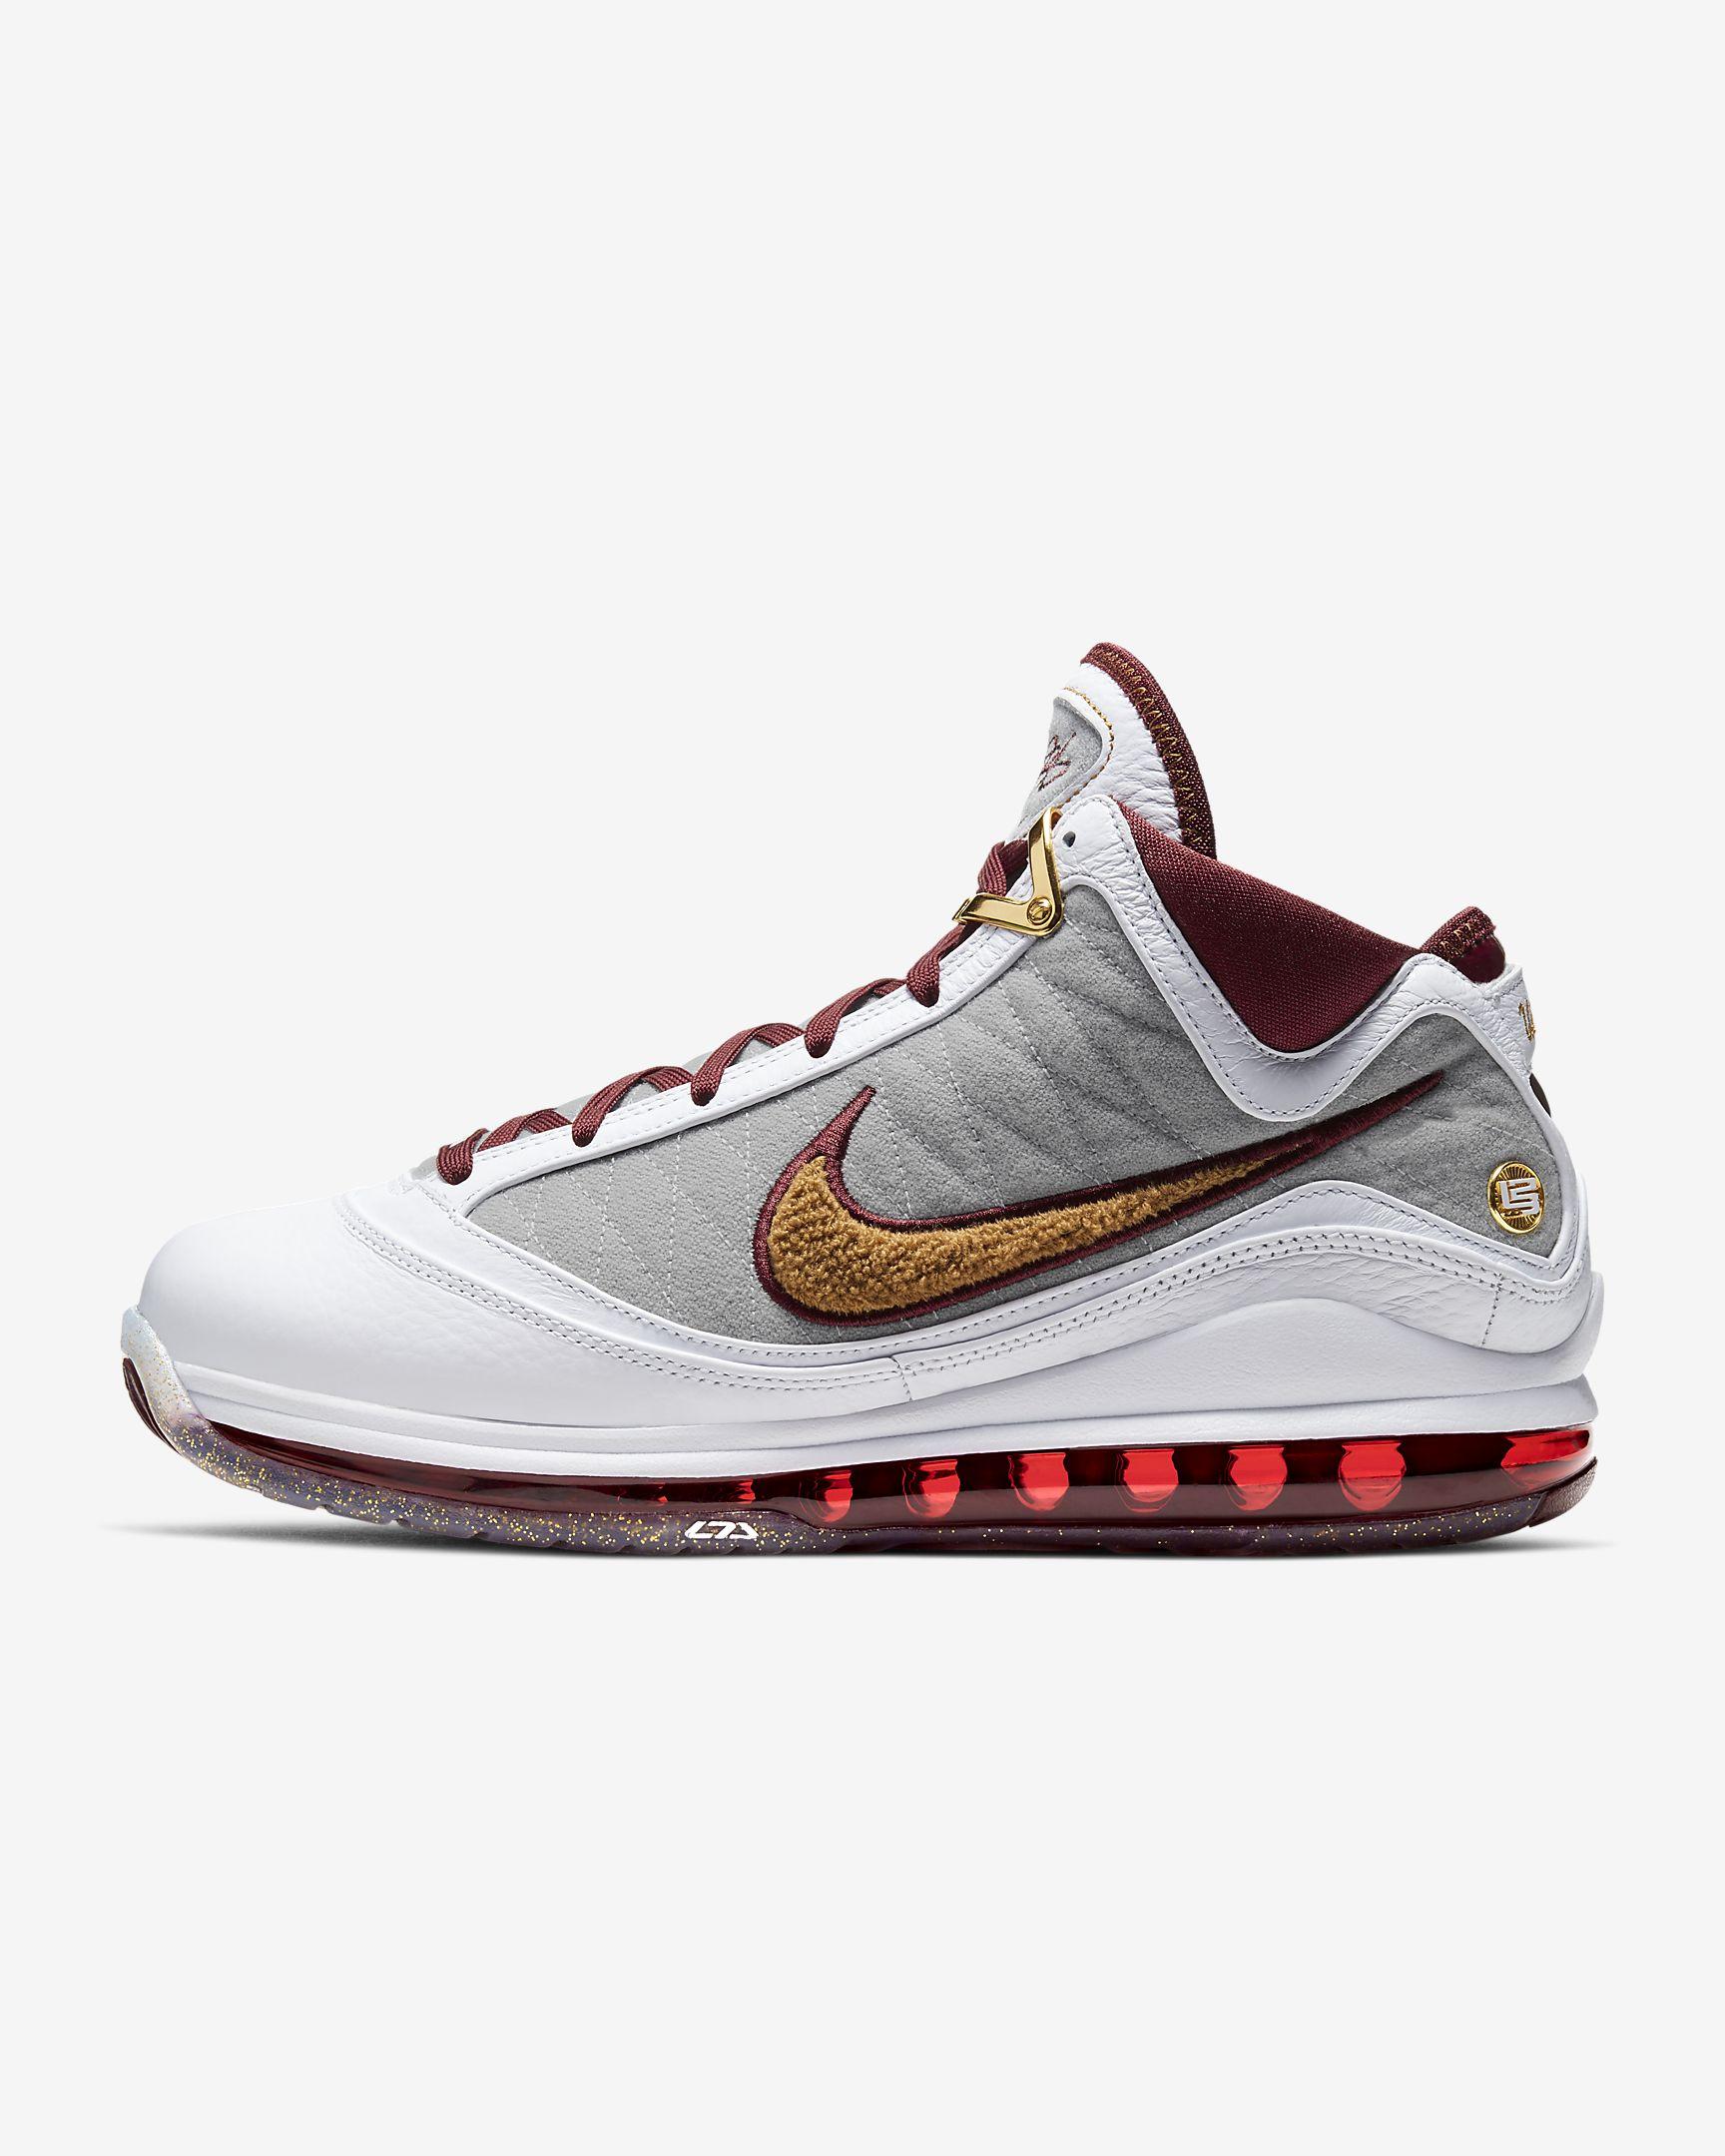 nike lebron 7, sneakers, week 27